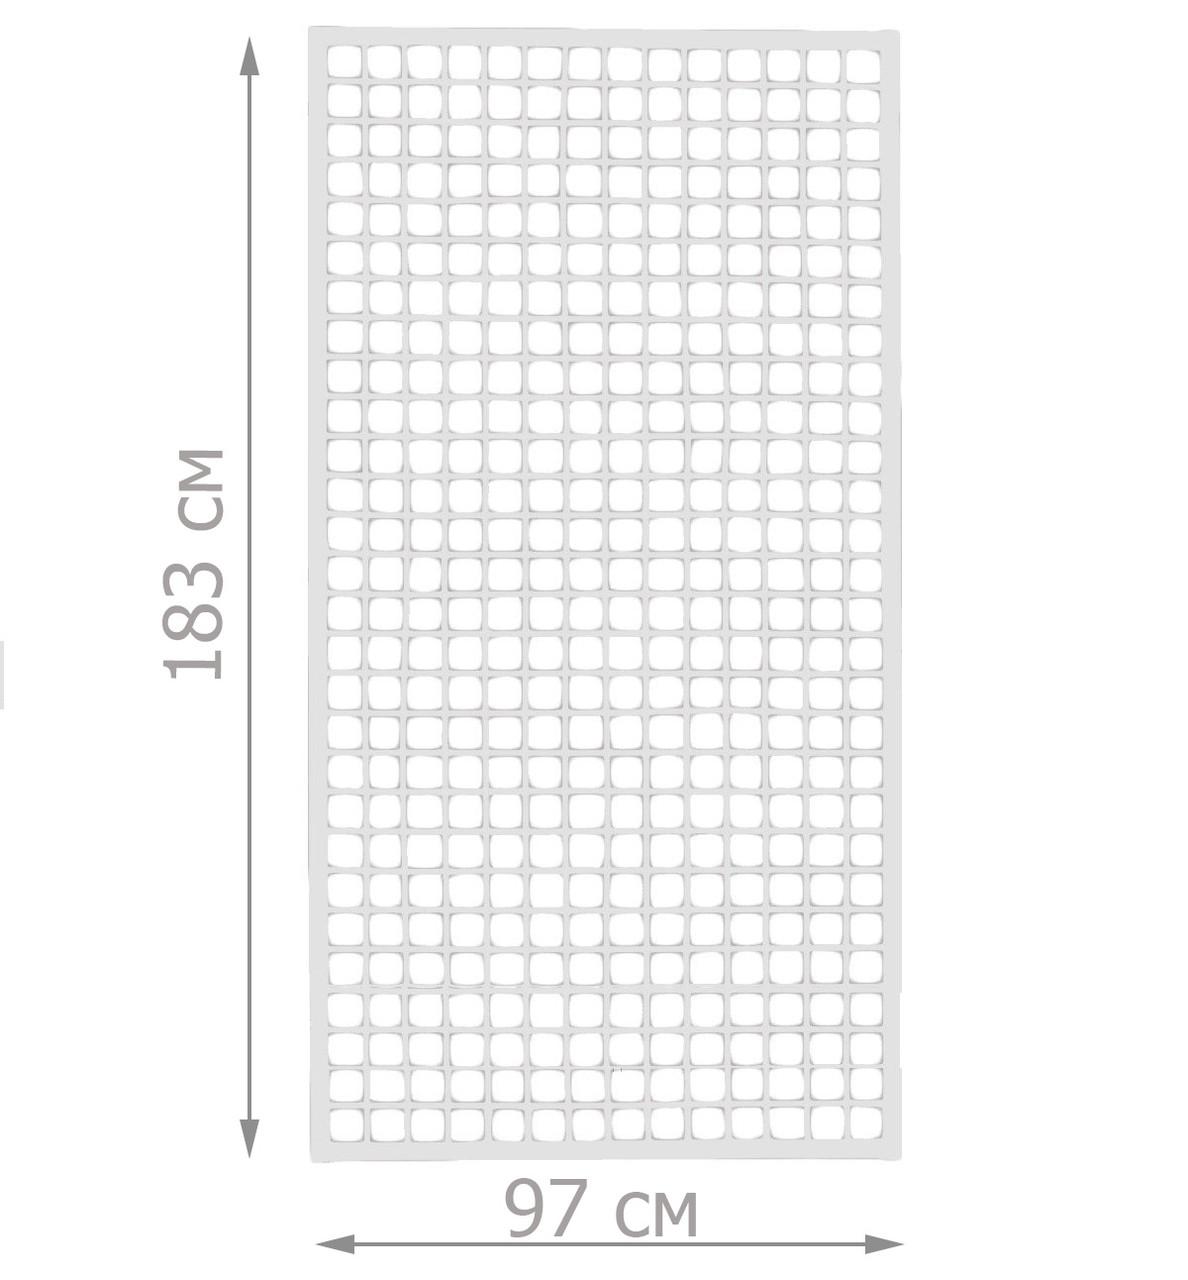 Торговая сетка стенд в рамке 97/183см (от производителя оптом и в розницу)